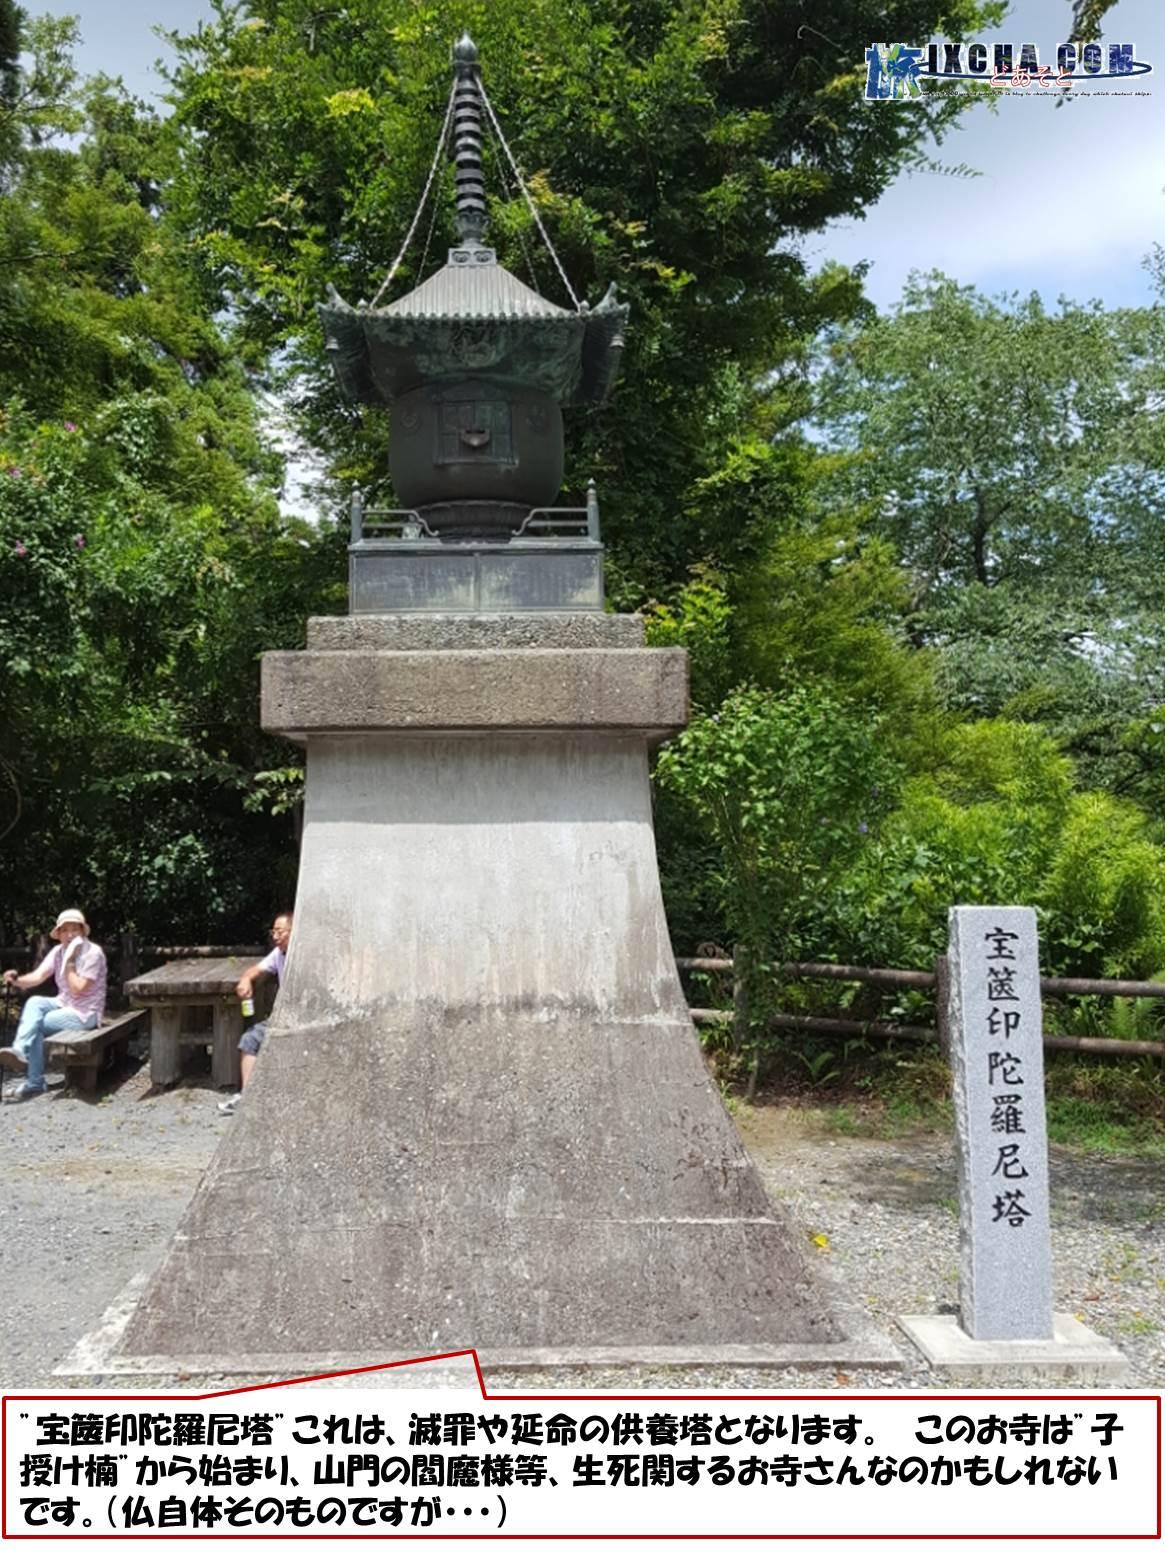 """""""宝篋印陀羅尼塔""""これは、滅罪や延命の供養塔となります。 このお寺は""""子授け楠""""から始まり、山門の閻魔様等、生死関するお寺さんなのかもしれないです。(仏自体そのものですが・・・)"""